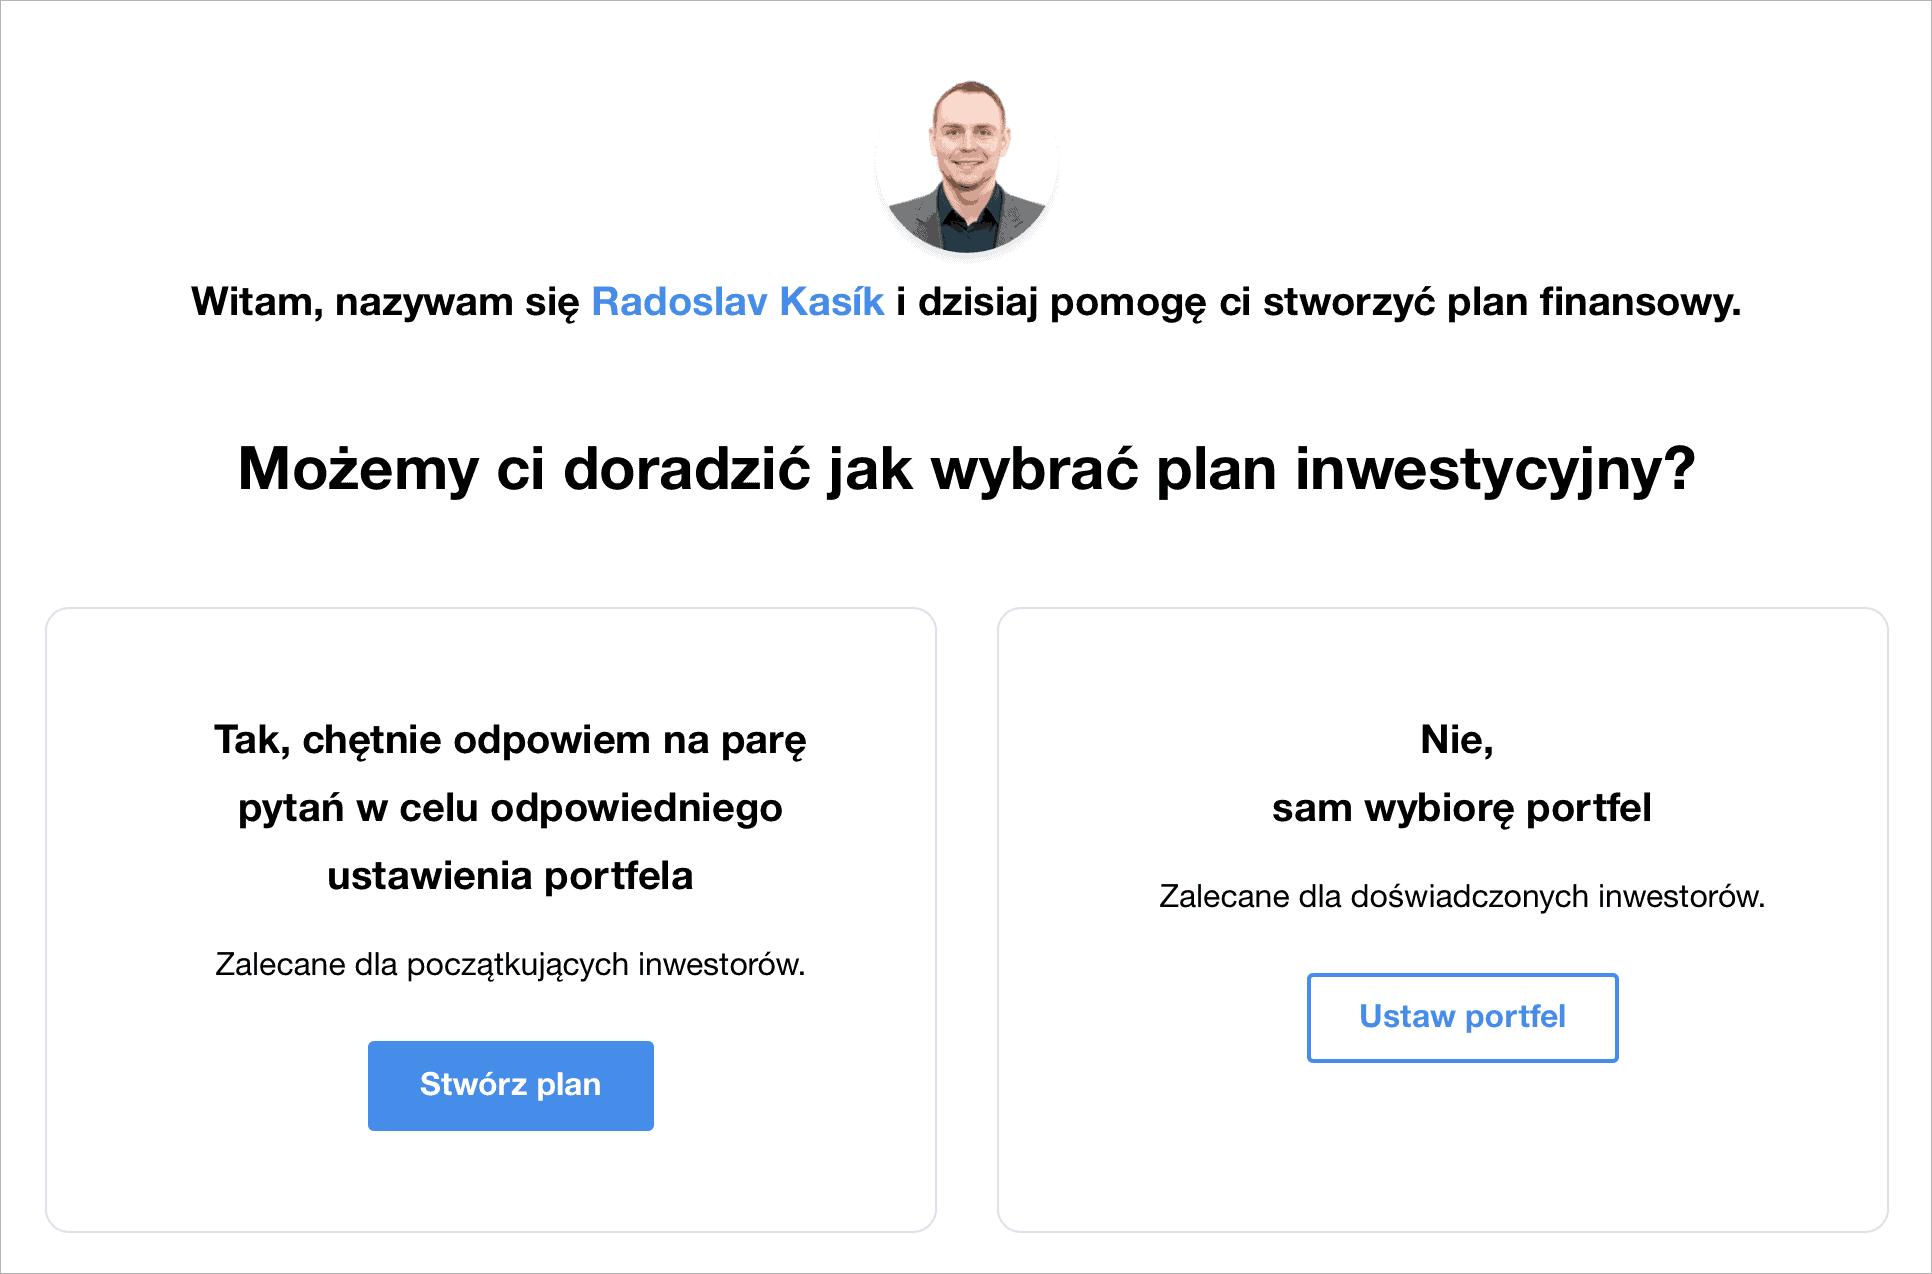 Jak wybrać plan inwestycyjny